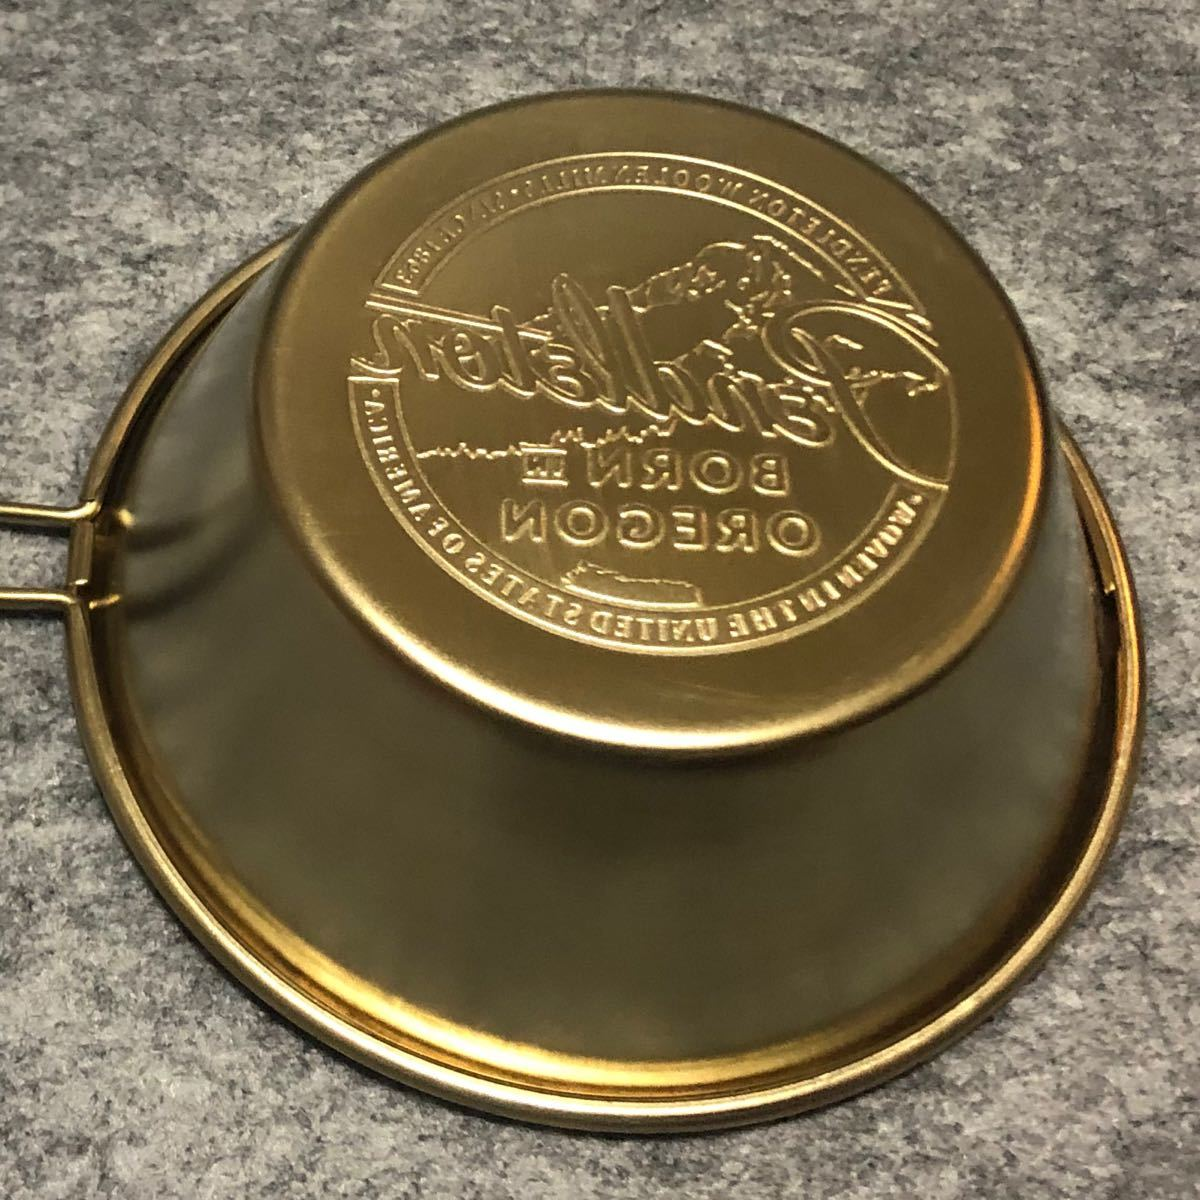 ペンドルトン ステンレス シェラカップ 330ml GOLDEN BROWN